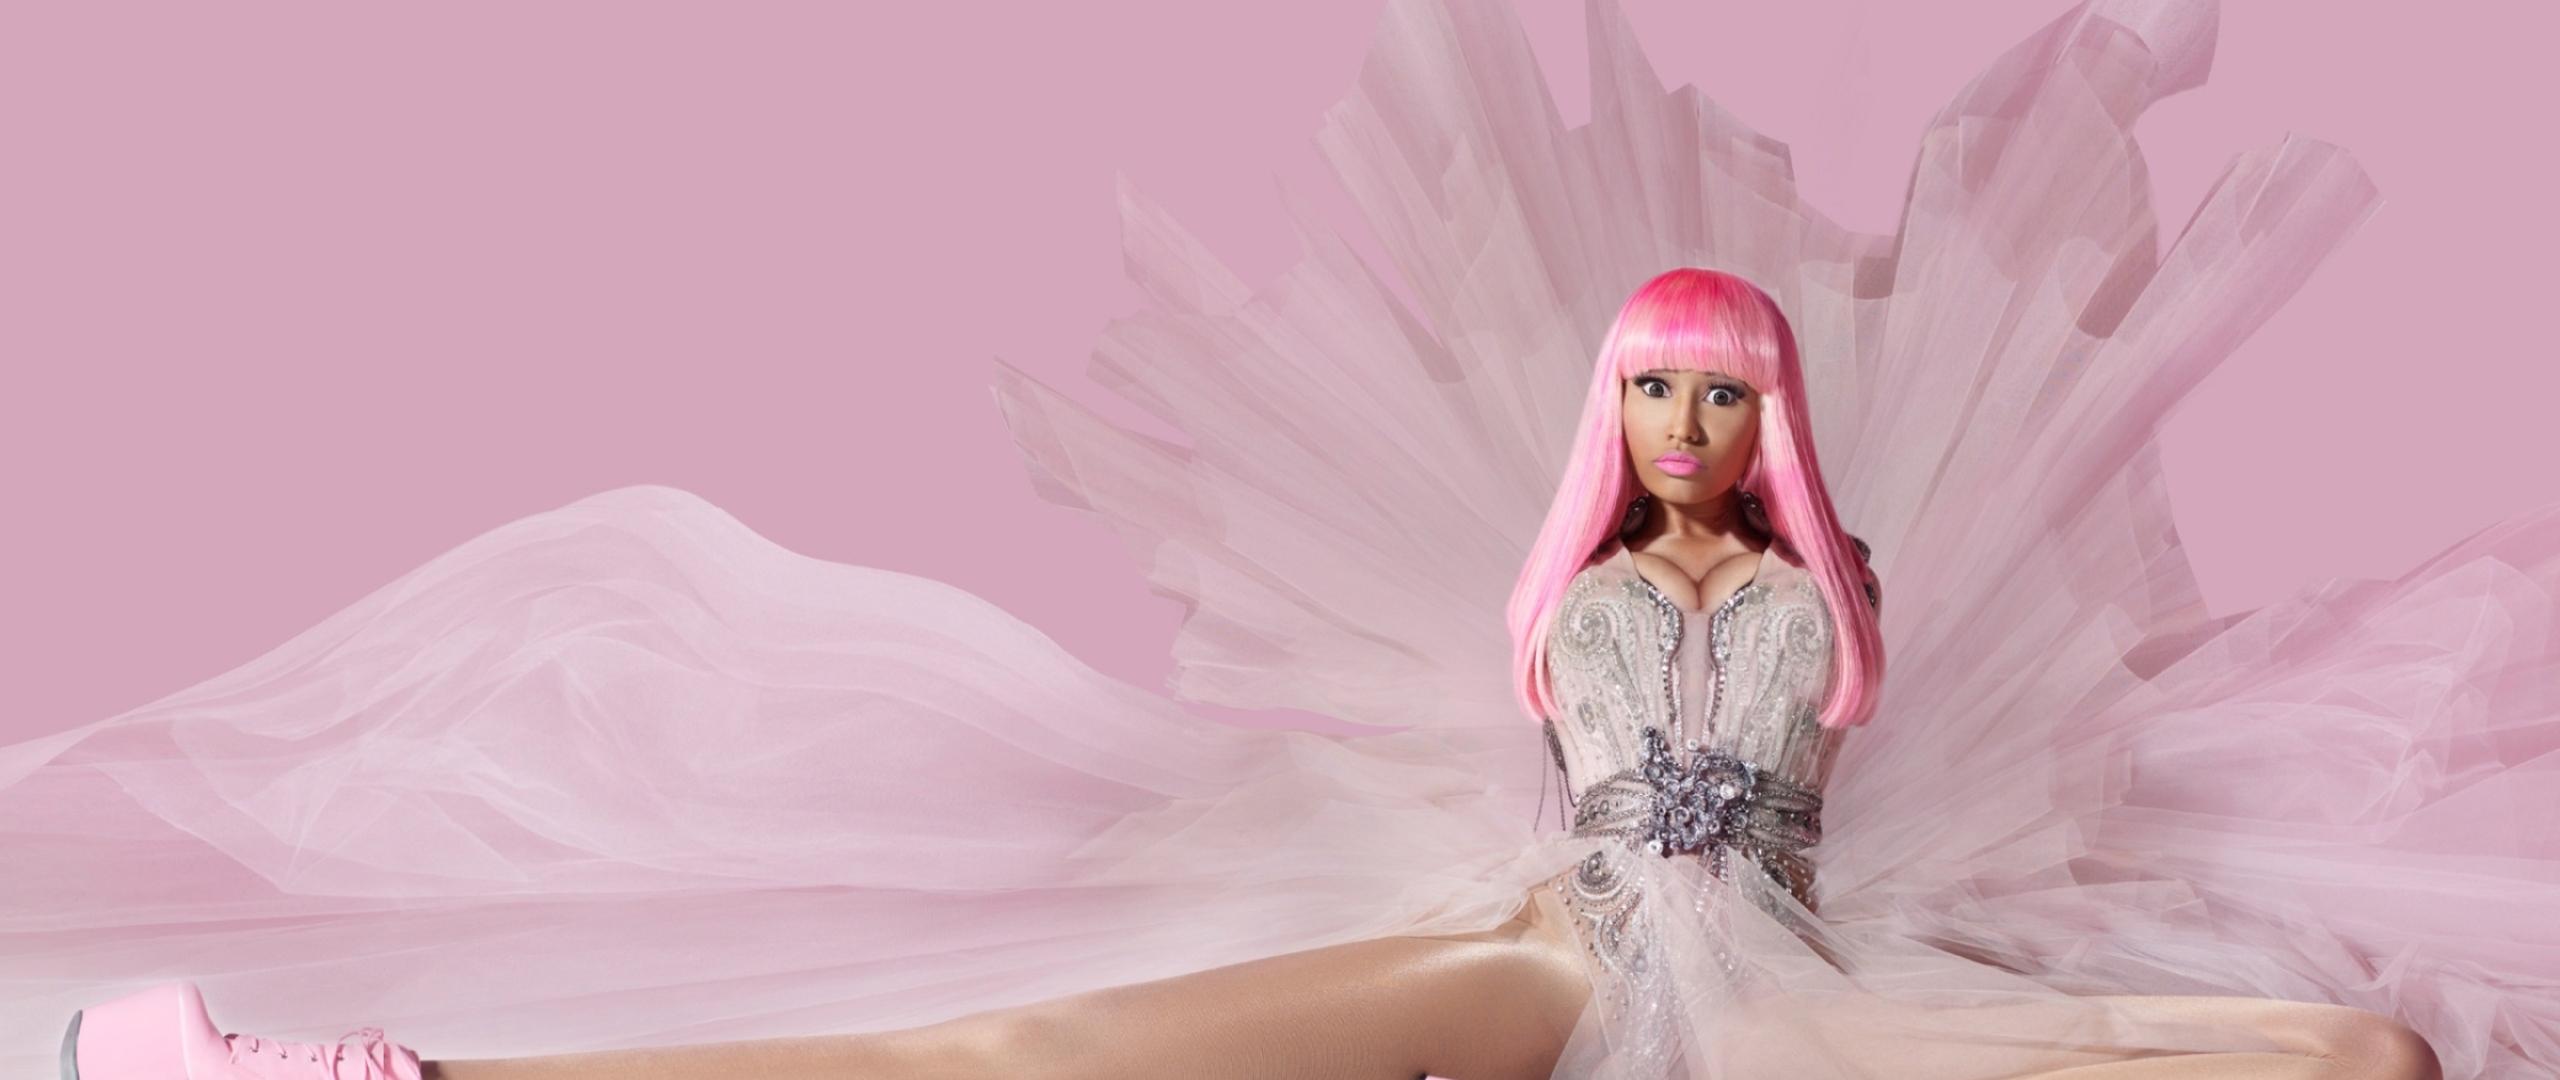 Nicki Minaj Pink Friday Photoshoot Full Hd 2k Wallpaper